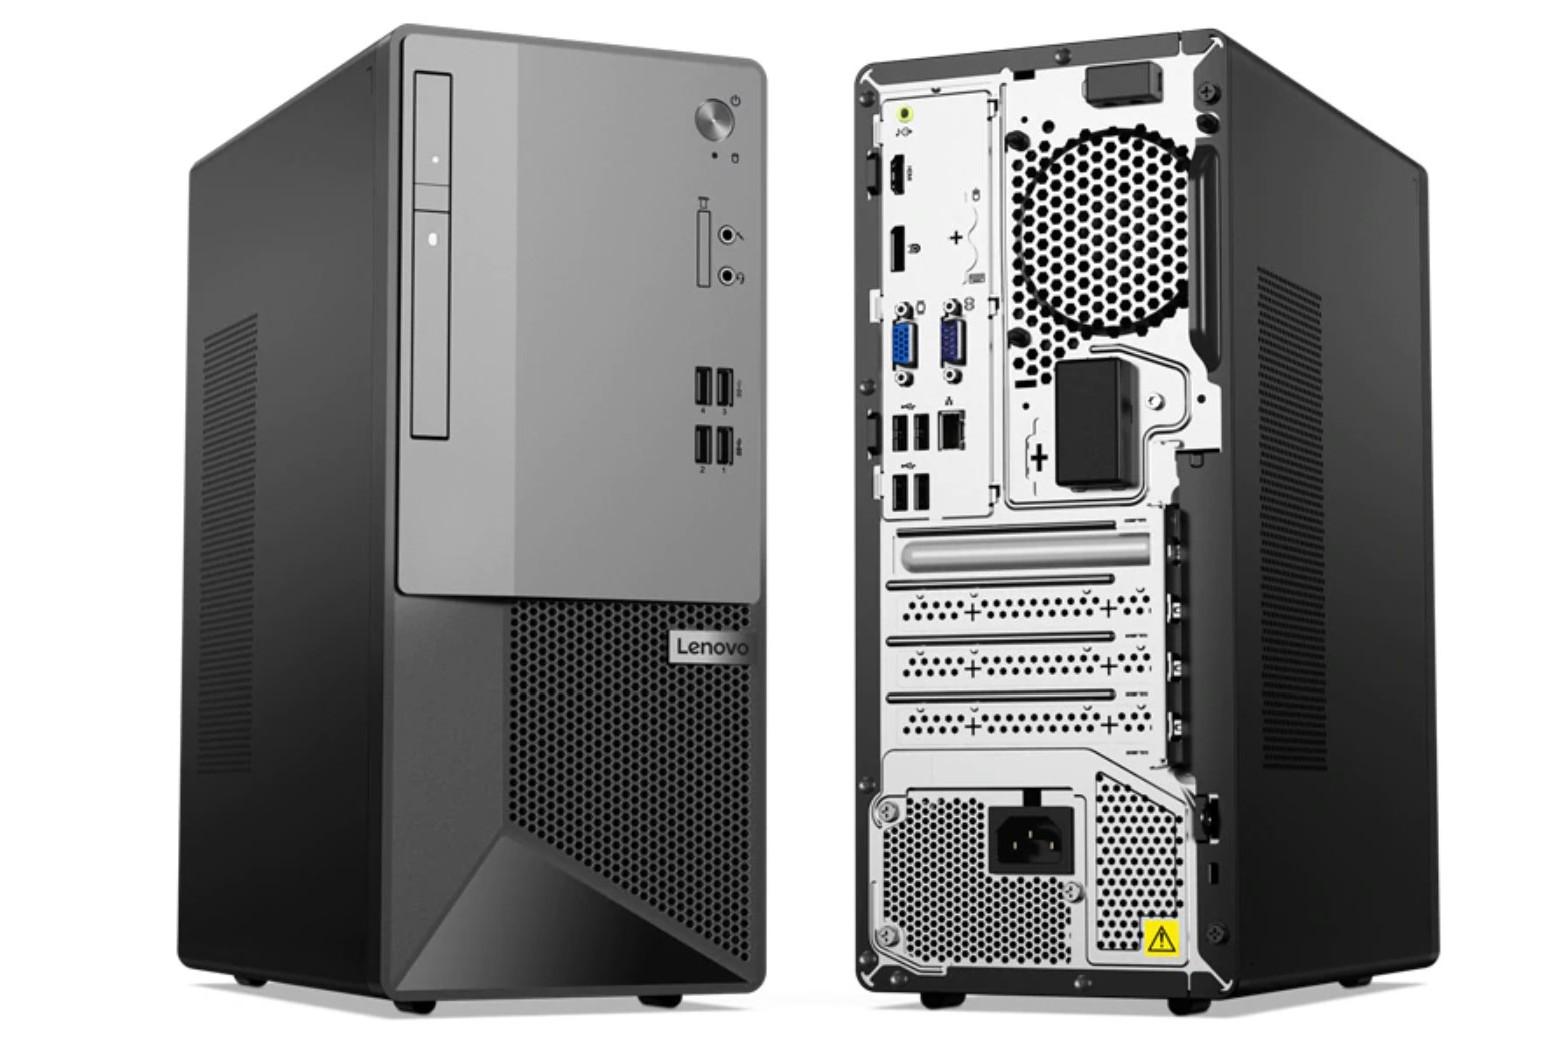 Lenovo ra mắt máy tính để bản V50t 13IMB ho doanh nghiệp vừa và nhỏ, giá từ 9,5 triệu đồng